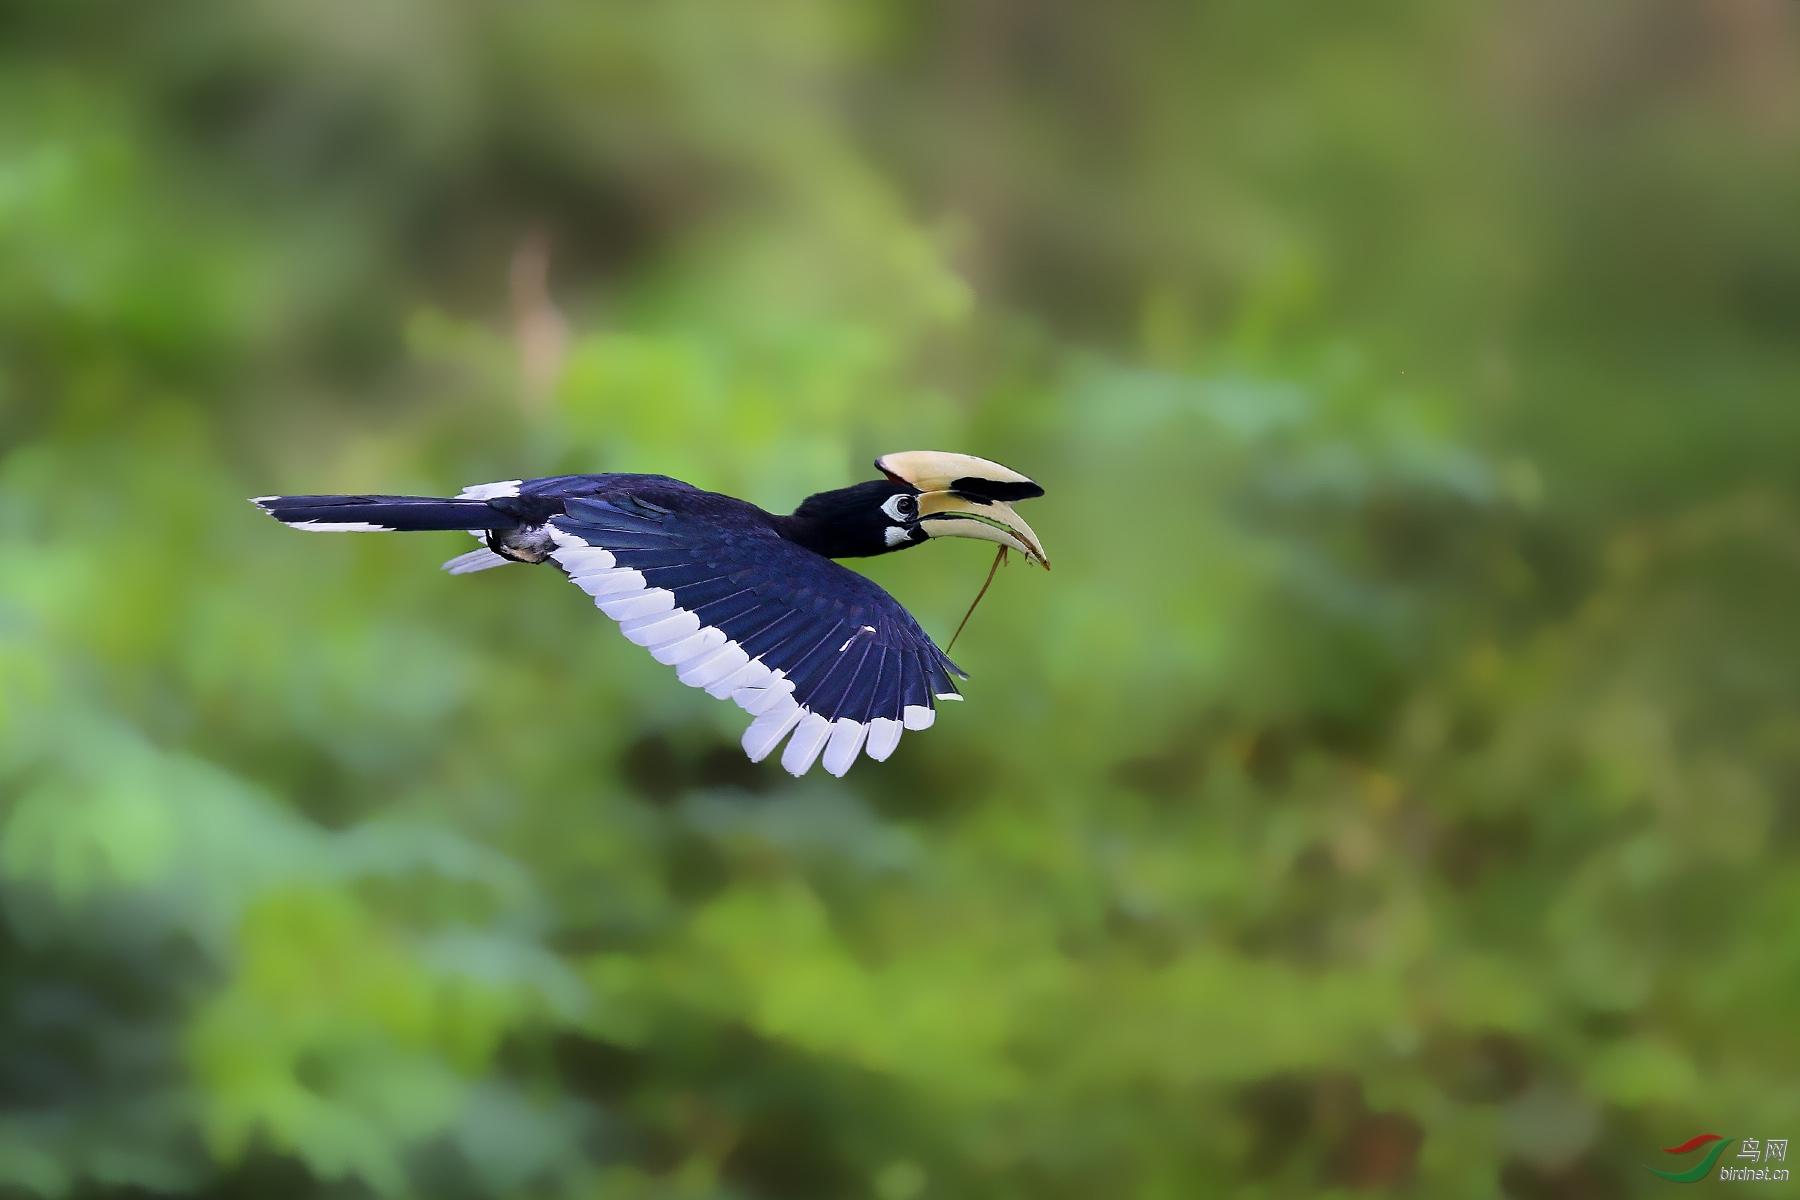 冠斑犀鸟.jpg